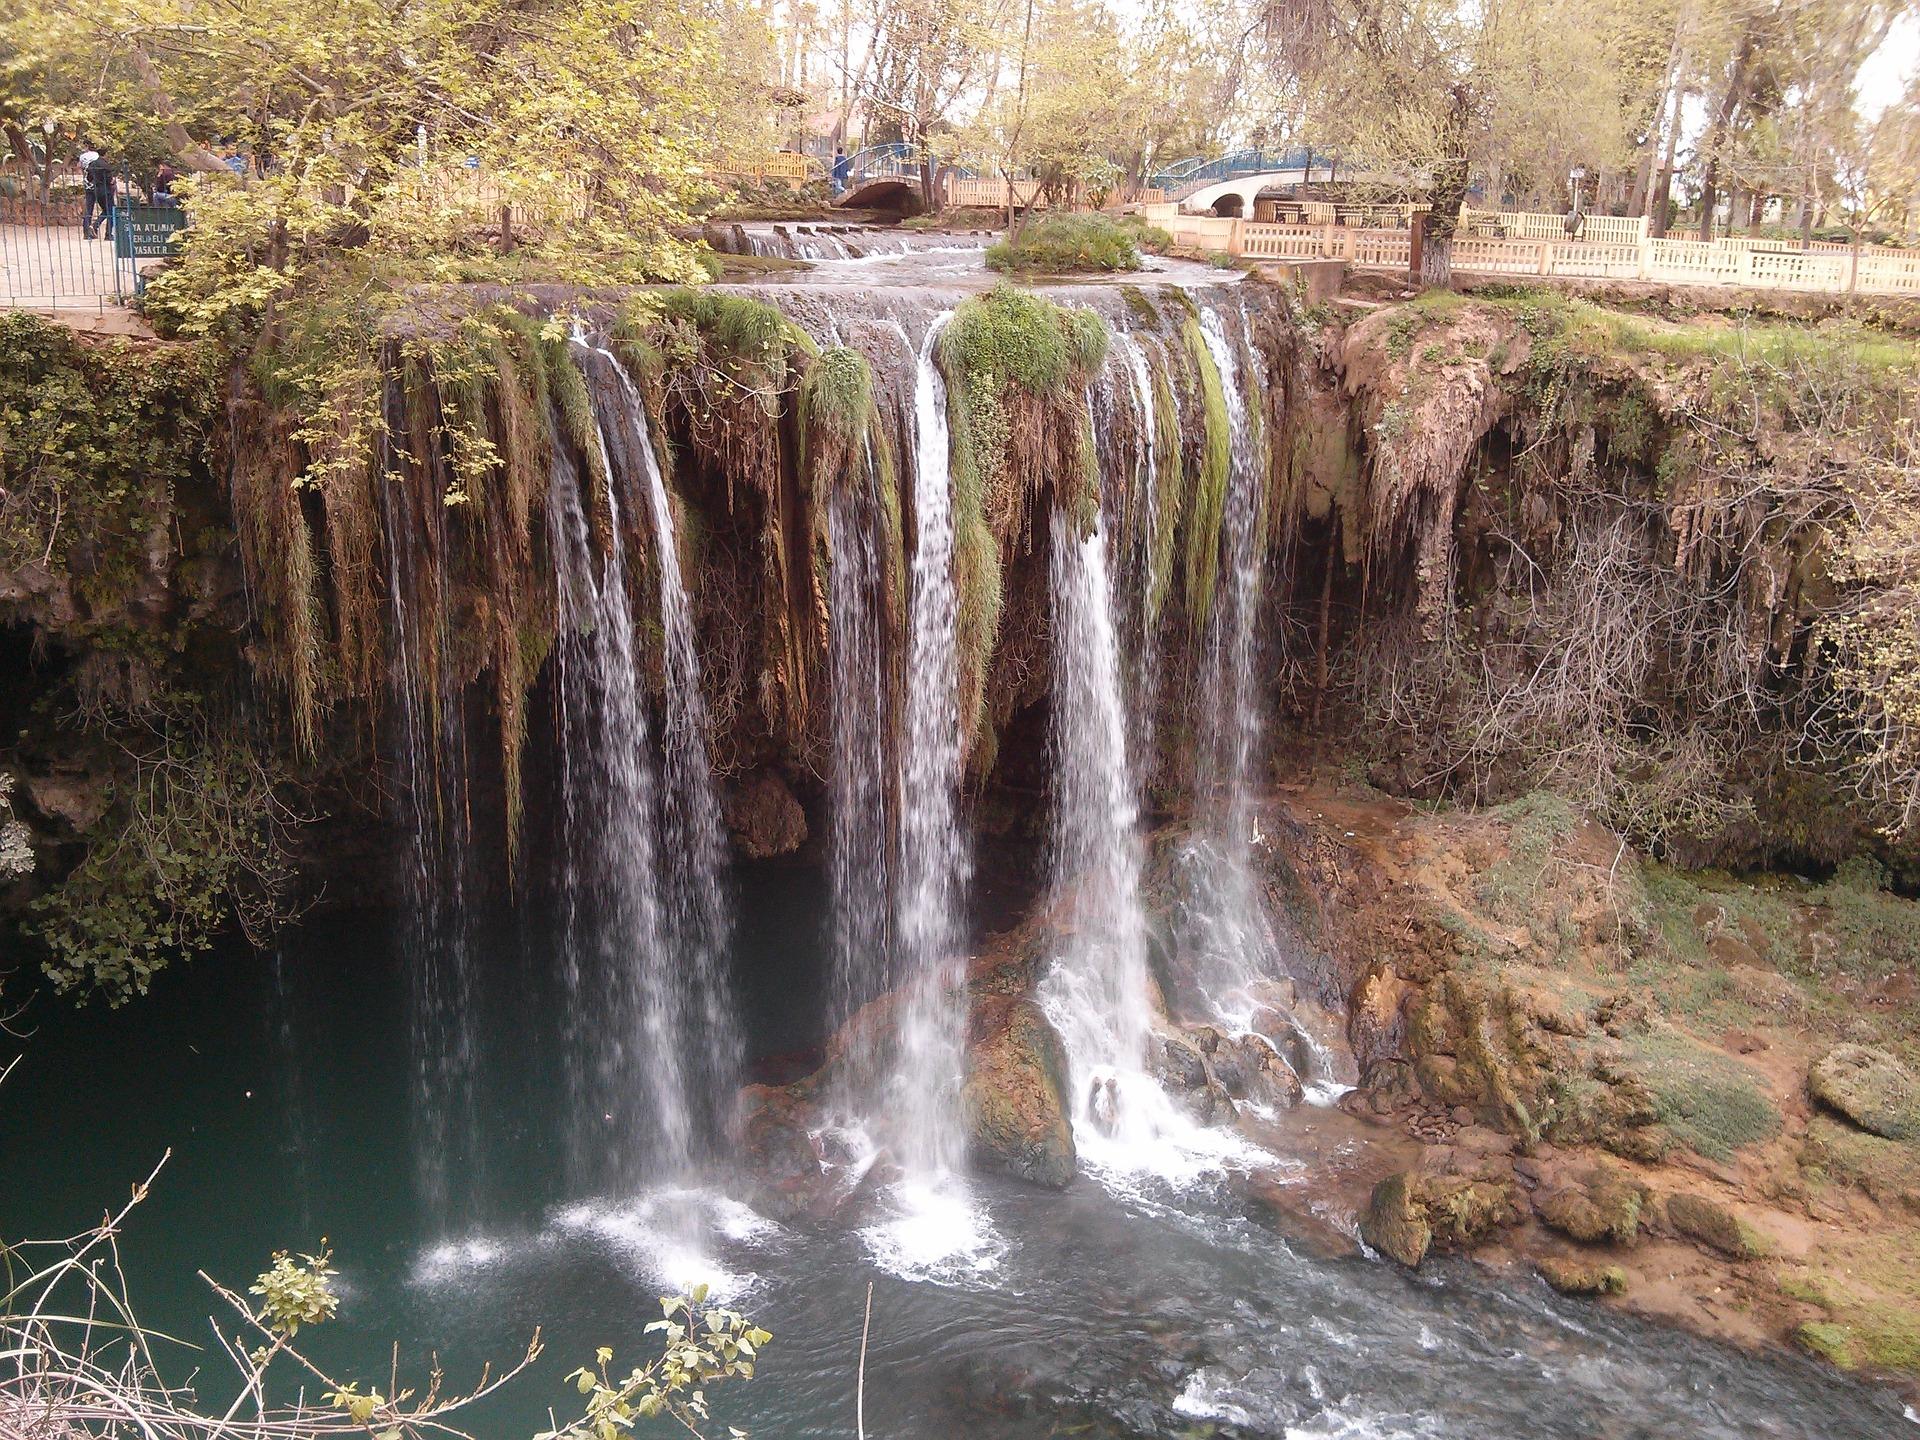 Manavget Wasserfall in der Nähe Alanyas